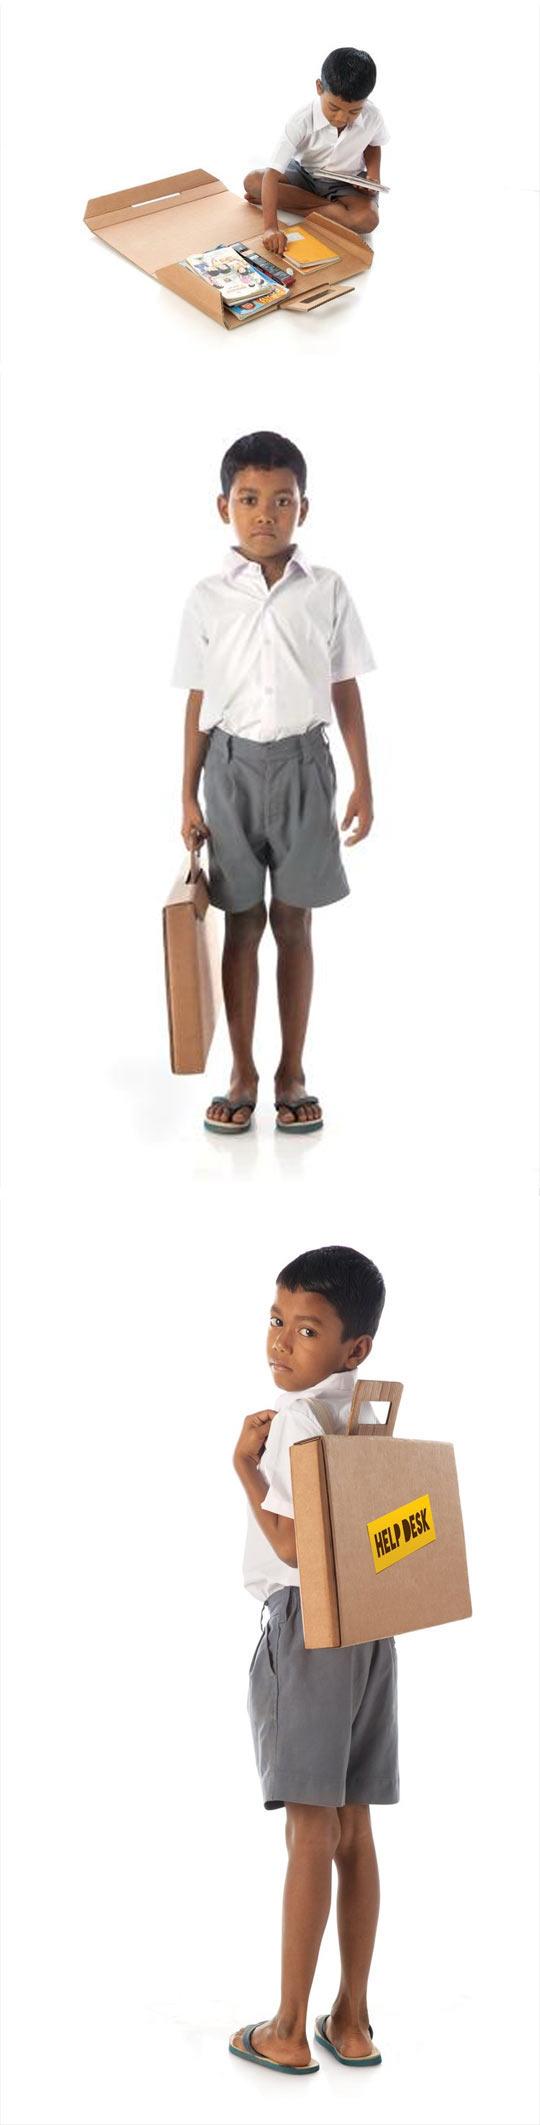 funny-kids-school-class-desk-cardboard